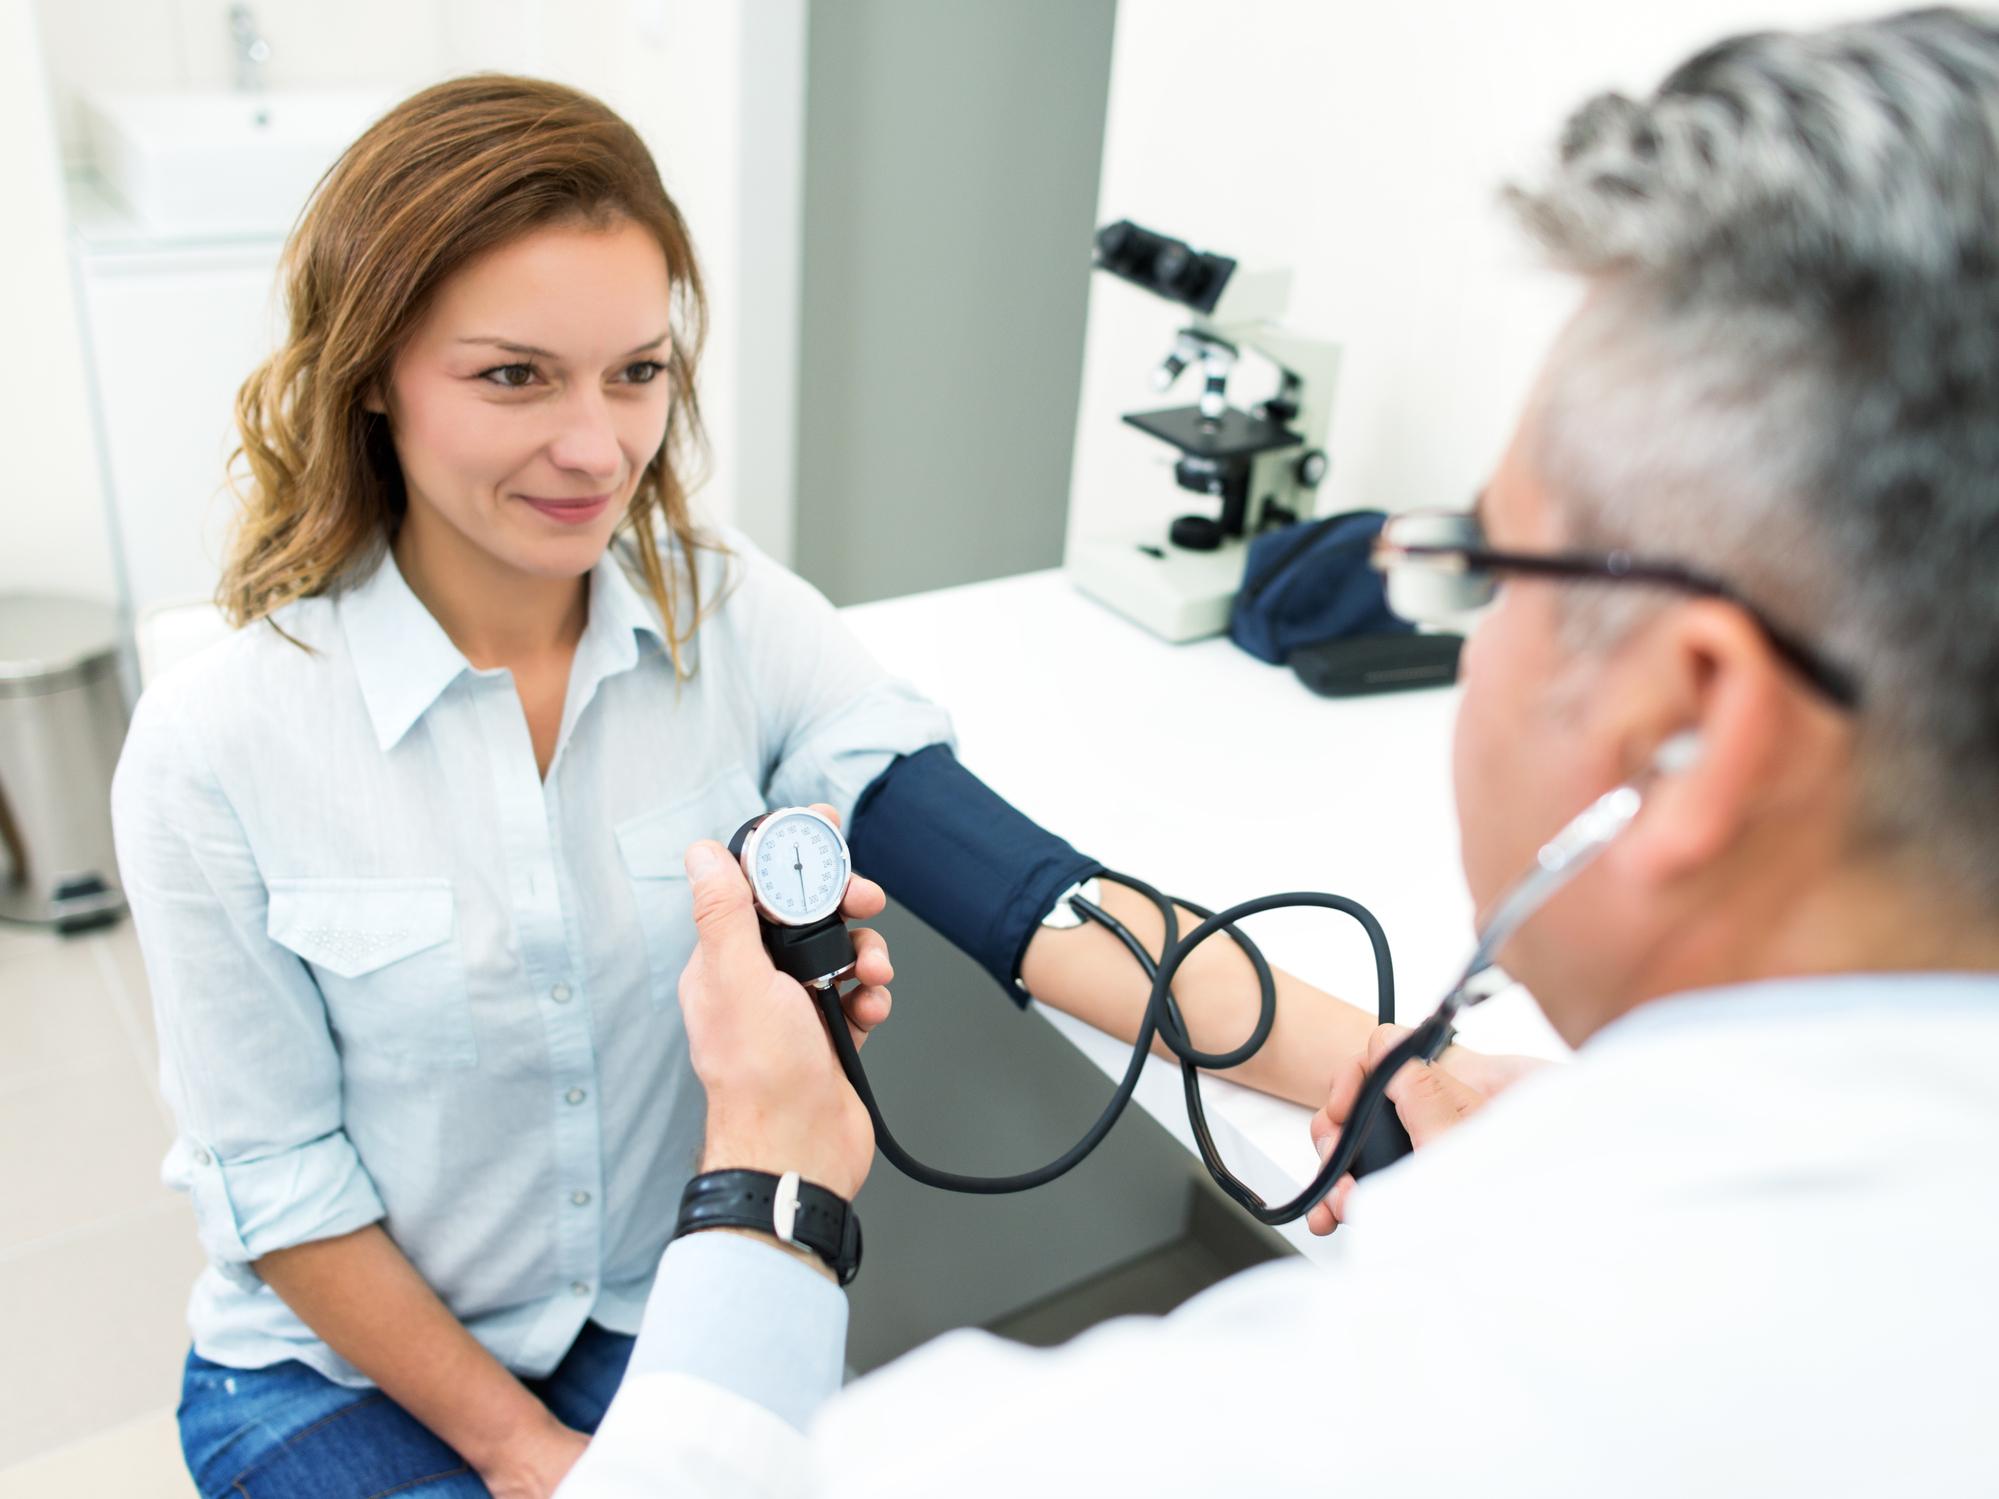 hogyan határozza meg a hipertónia mértéke vagy hogyan magas vérnyomás esetén milyen panaszok